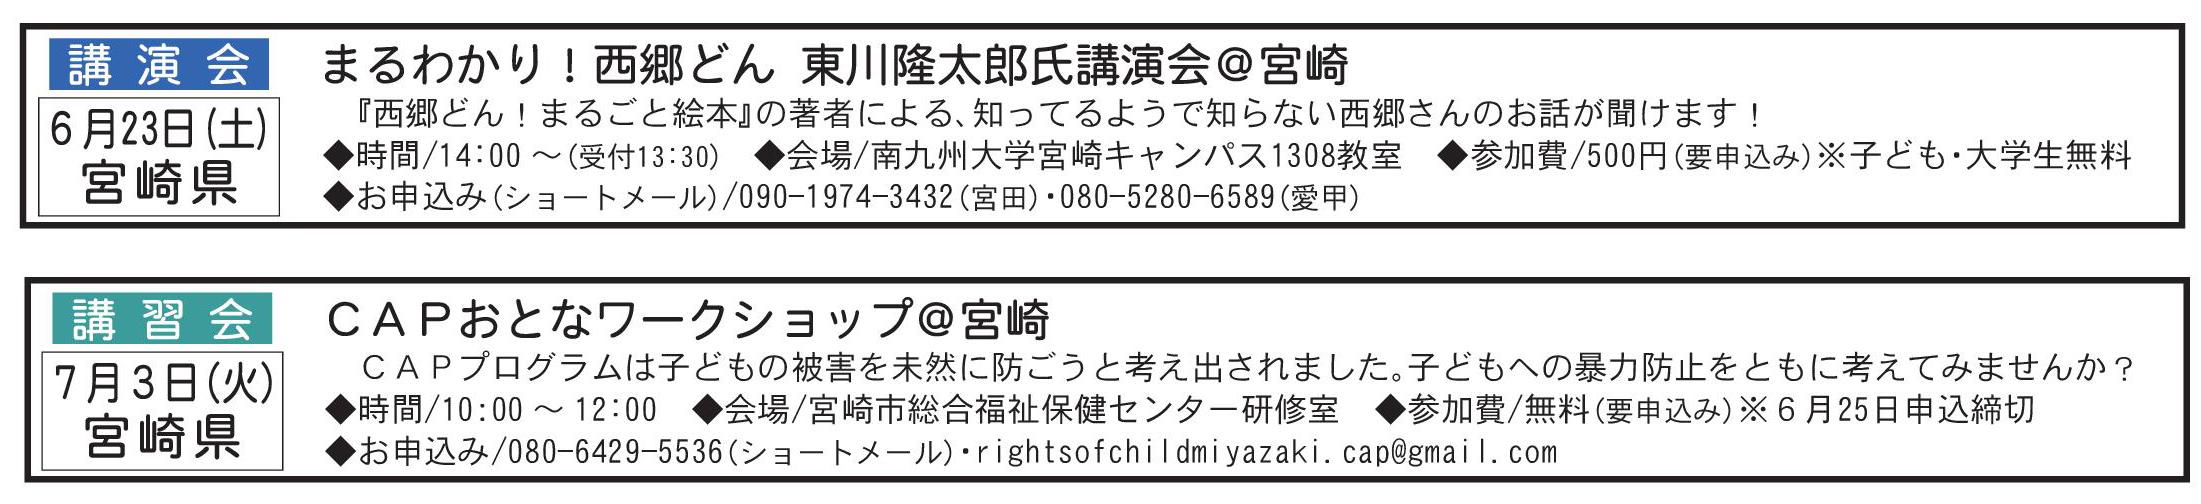 2746saigou.jpg